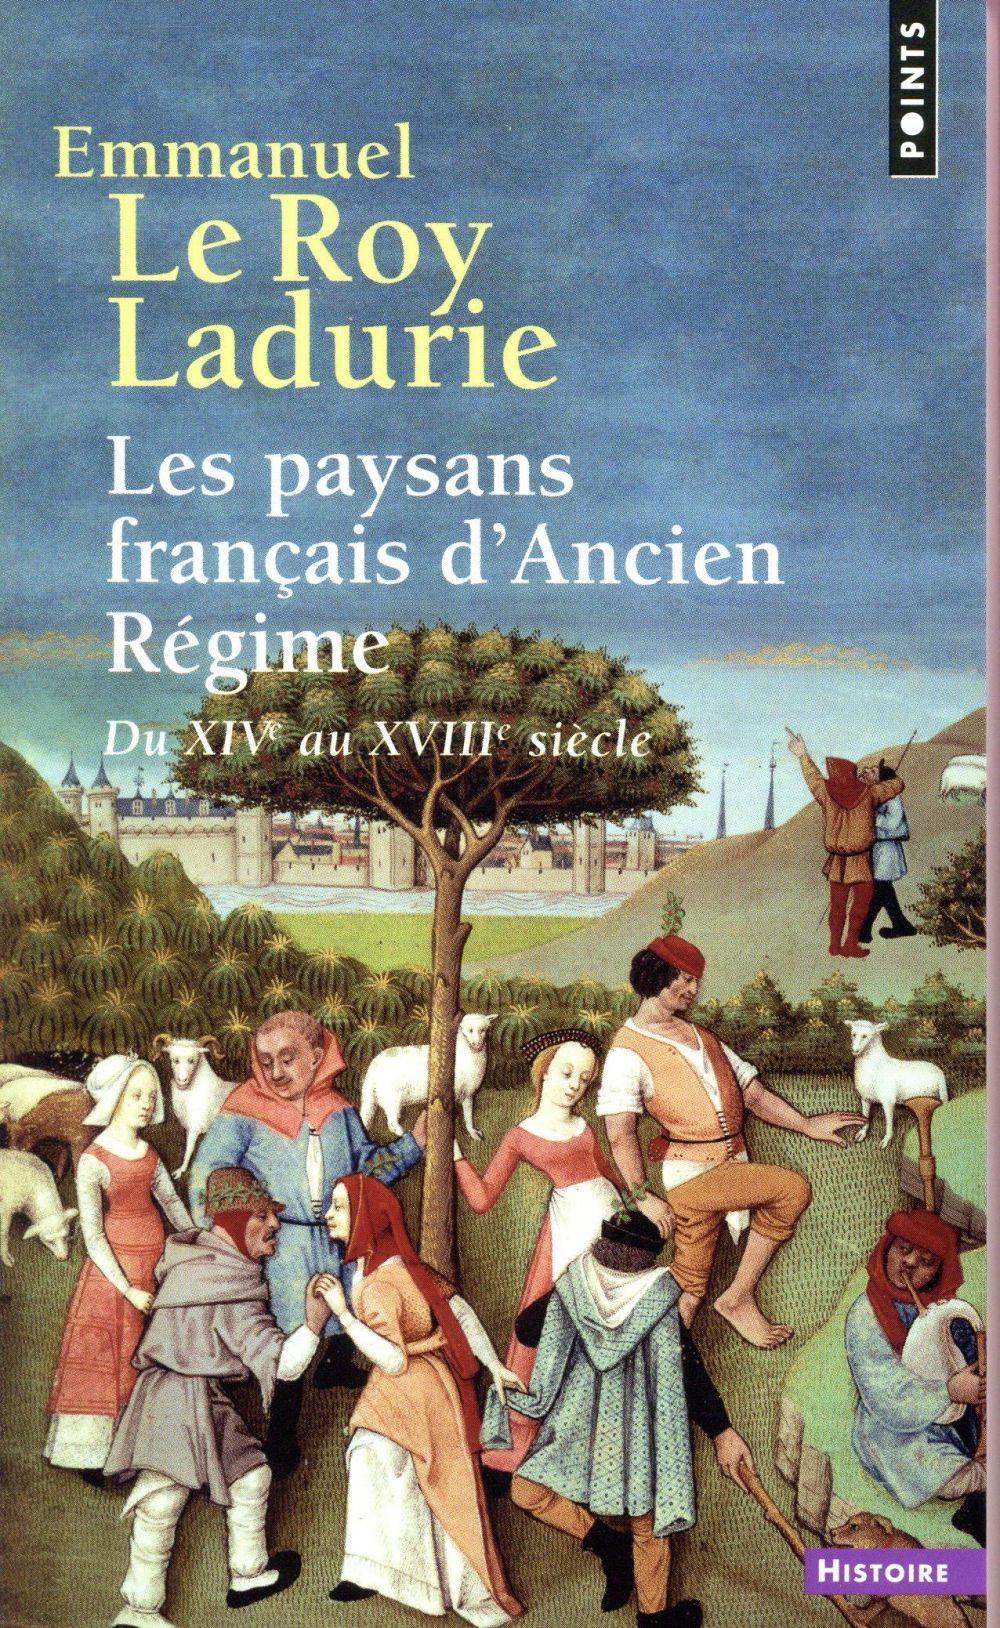 LES PAYSANS FRANCAIS D'ANCIEN REGIME : DU XIVE AU XVIIIE SIECLE